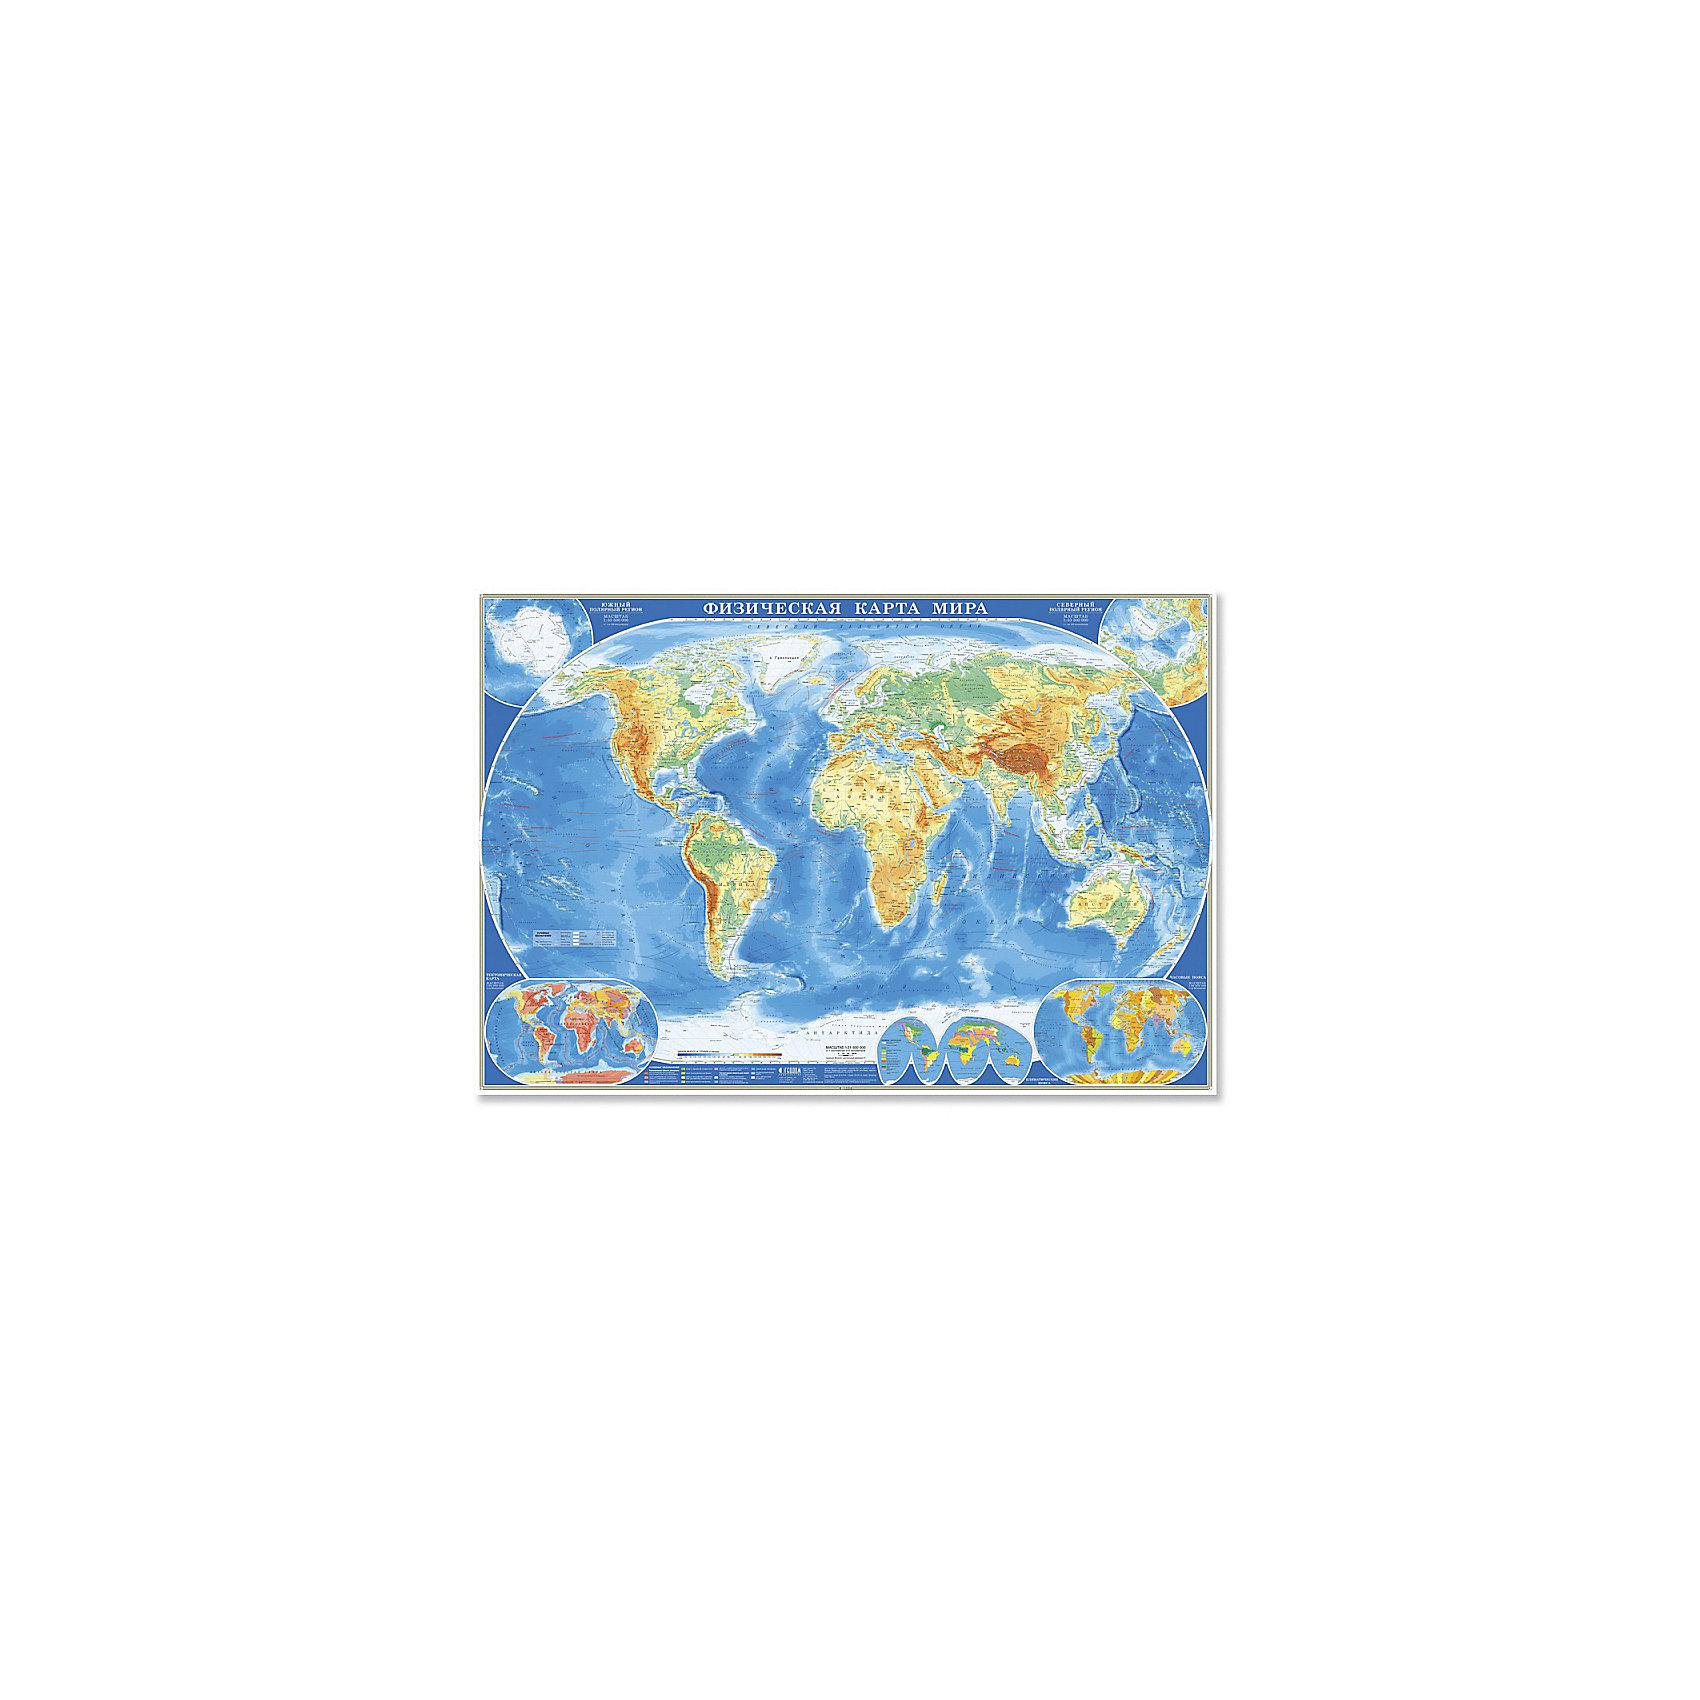 Настенная карта Мир Физический М1:21,5 млн, 107*157 см, ламинированнаяФизическая карта мира передает внешний облик суши и акваторий всей планеты в обзорном масштабе.  На карте подробно отражены рельеф и гидрография, а также пески, солончаки, болота, вулканы, коралловые рифы, материковые льды и вечные снега, шельфовые ледники. Показаны значимые населённые пункты.<br><br>Ширина мм: 1570<br>Глубина мм: 1070<br>Высота мм: 1<br>Вес г: 250<br>Возраст от месяцев: 36<br>Возраст до месяцев: 2147483647<br>Пол: Унисекс<br>Возраст: Детский<br>SKU: 5422946